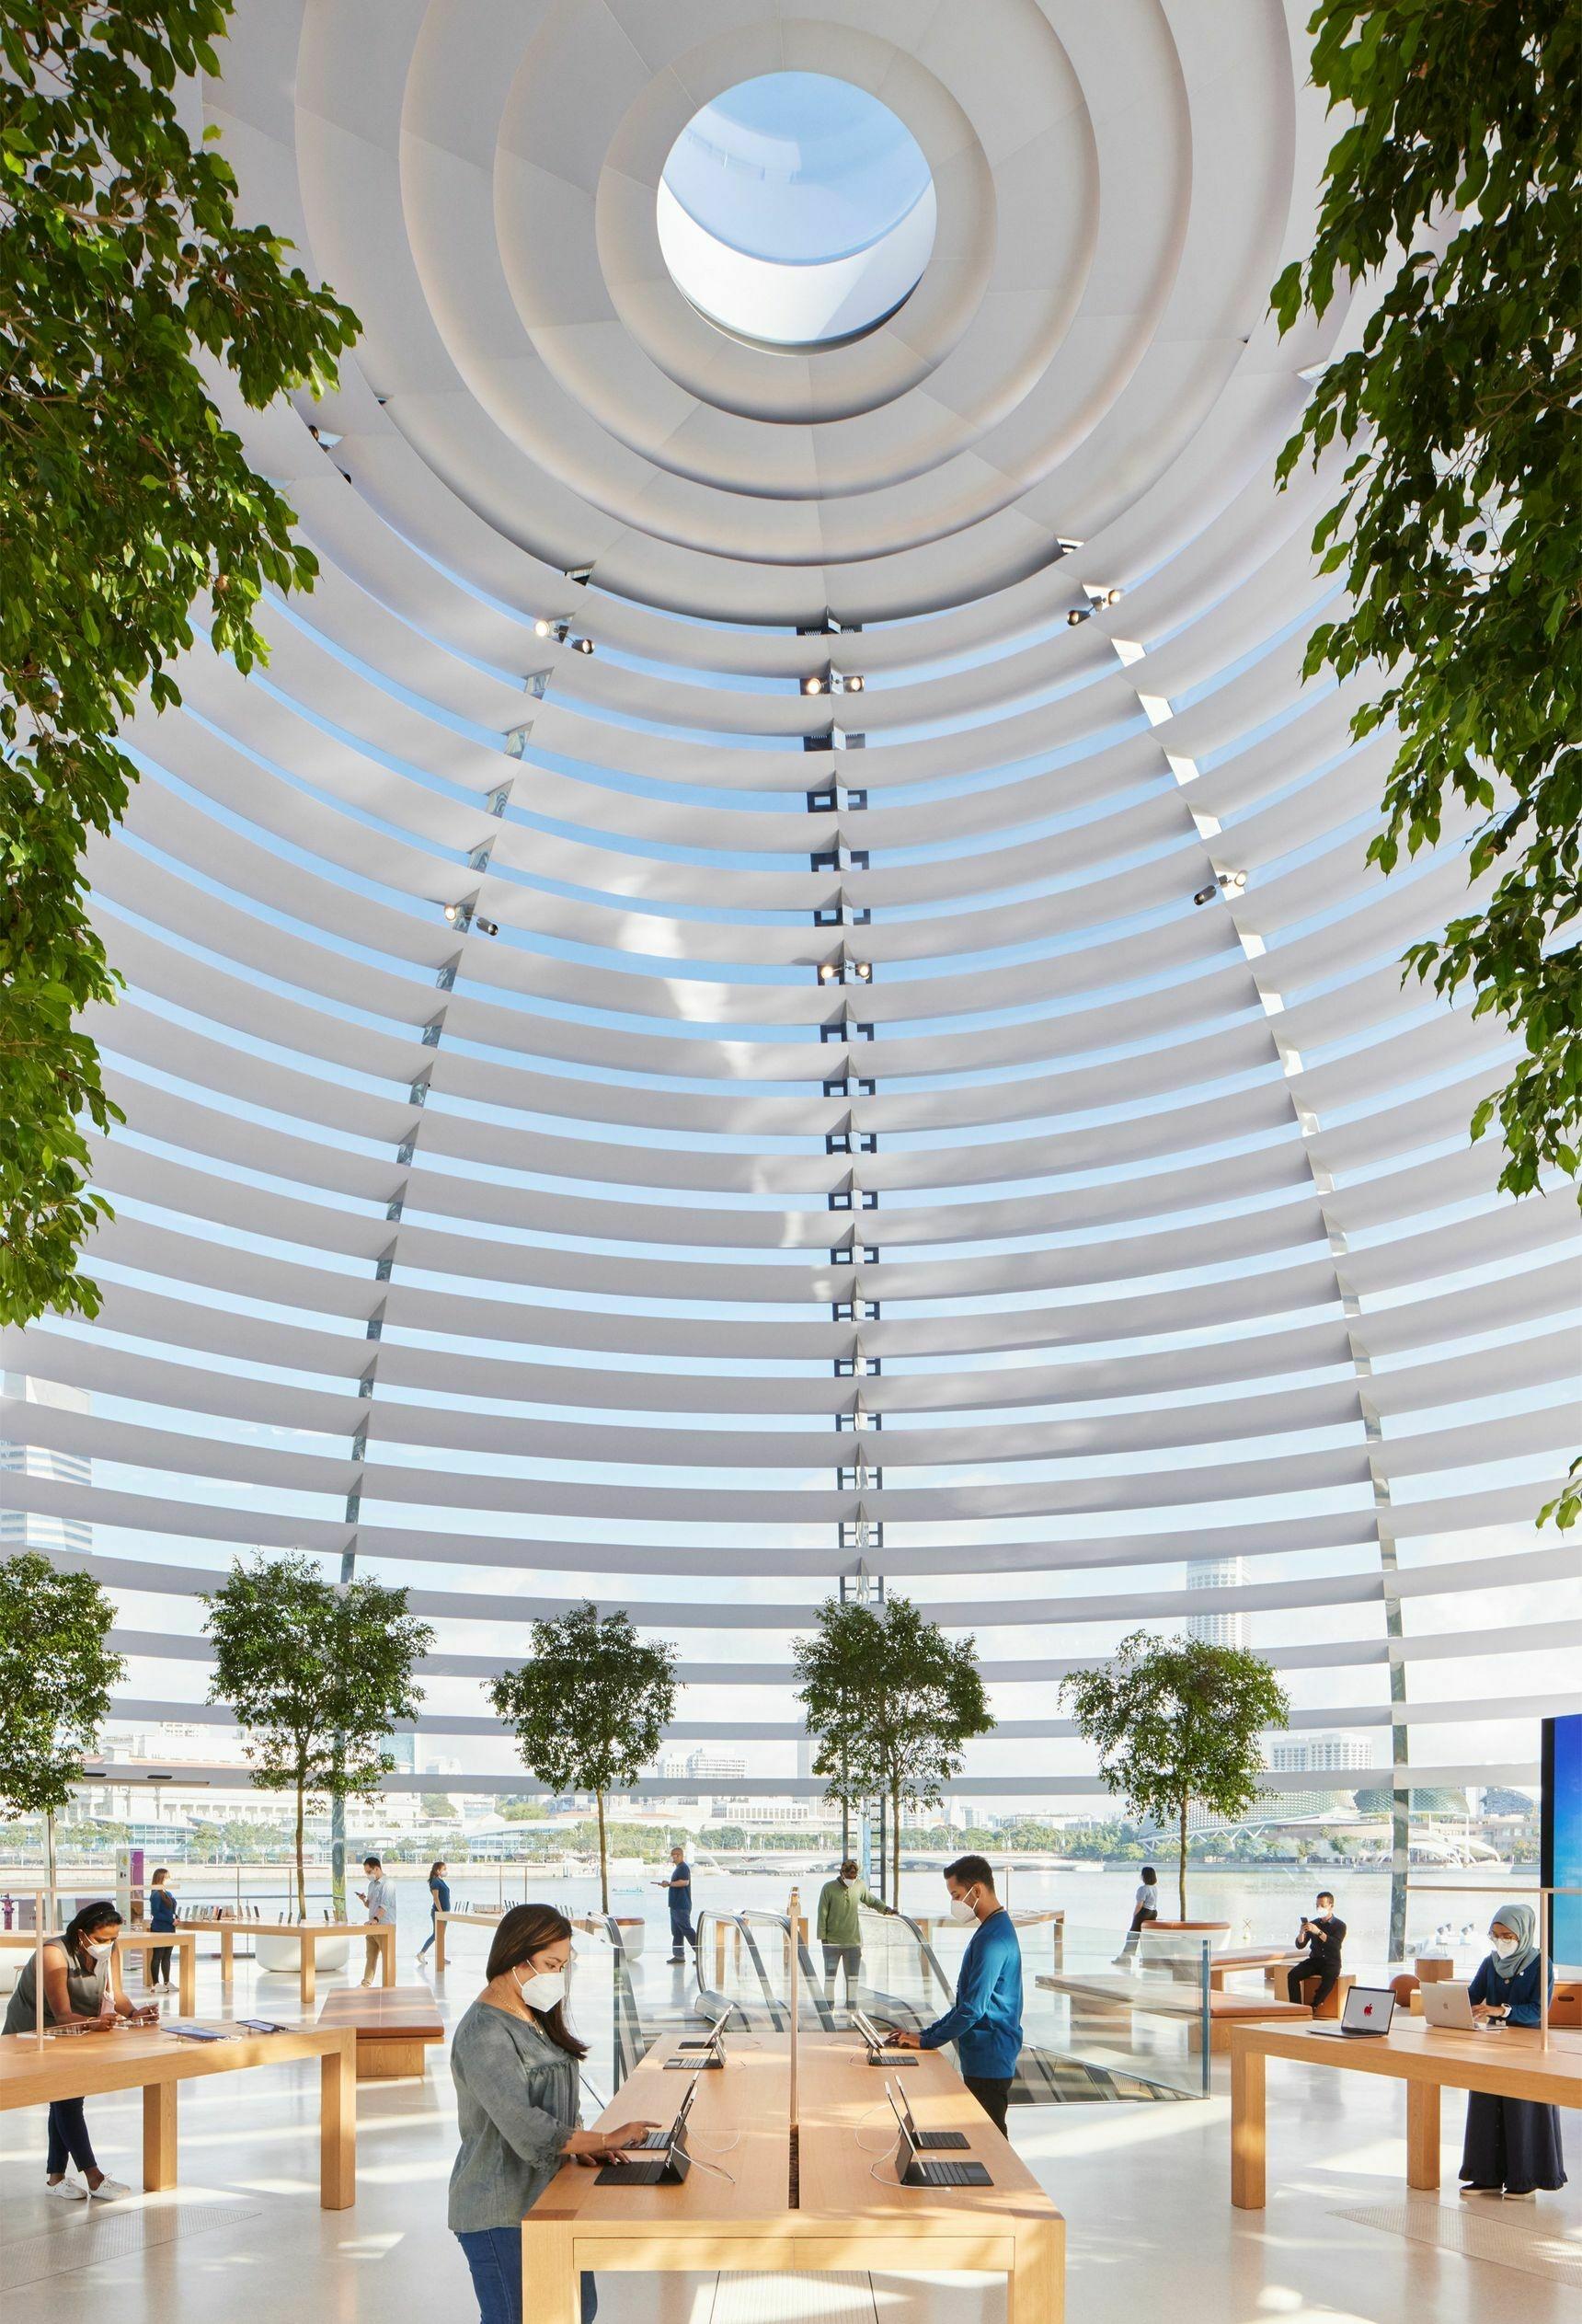 Apple показала изнутри свой плавающий магазин-шар Marina Bay Sands   Канобу - Изображение 6866